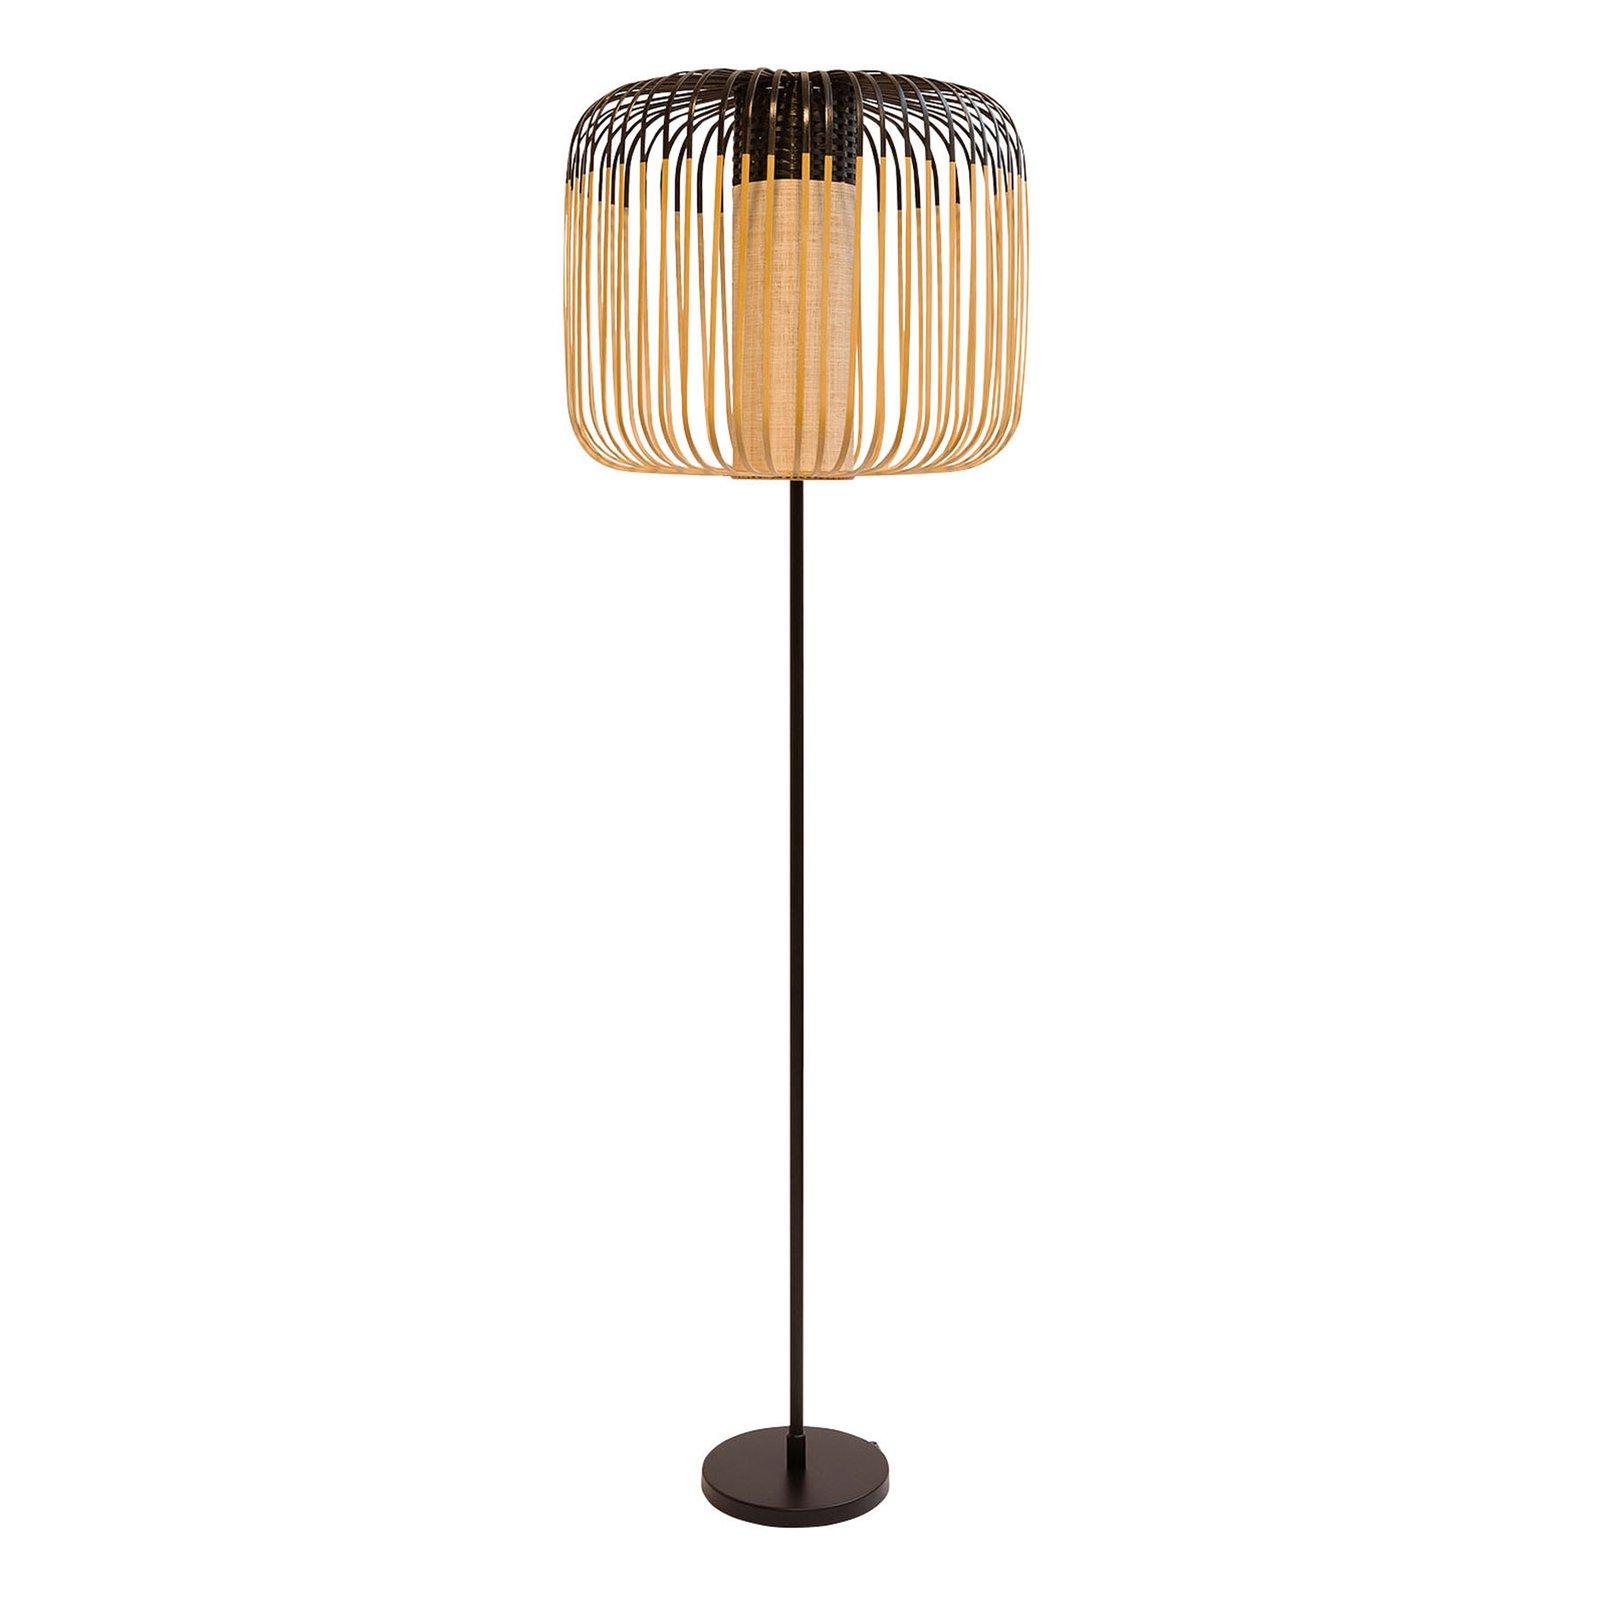 Forestier Bamboo Light gulvlampe, 1 lyskilde svart